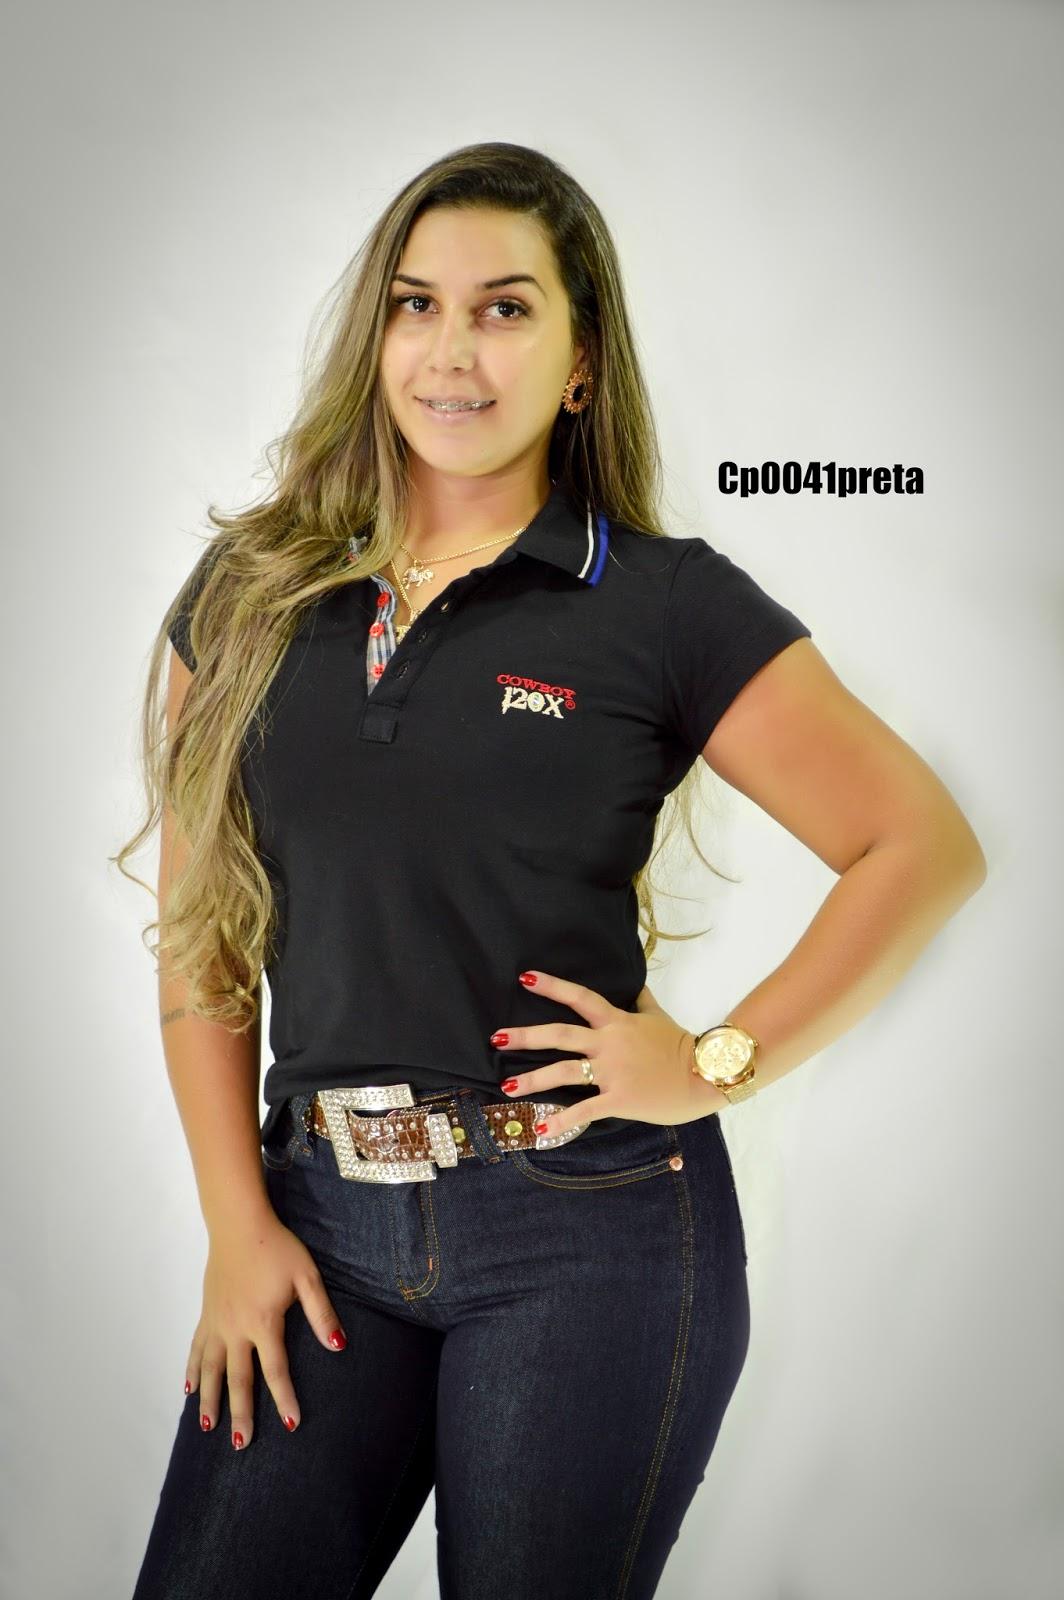 Cowboy 120x   Camisa Polo Feminina Cowboy 120x. 829810e0d9ee0